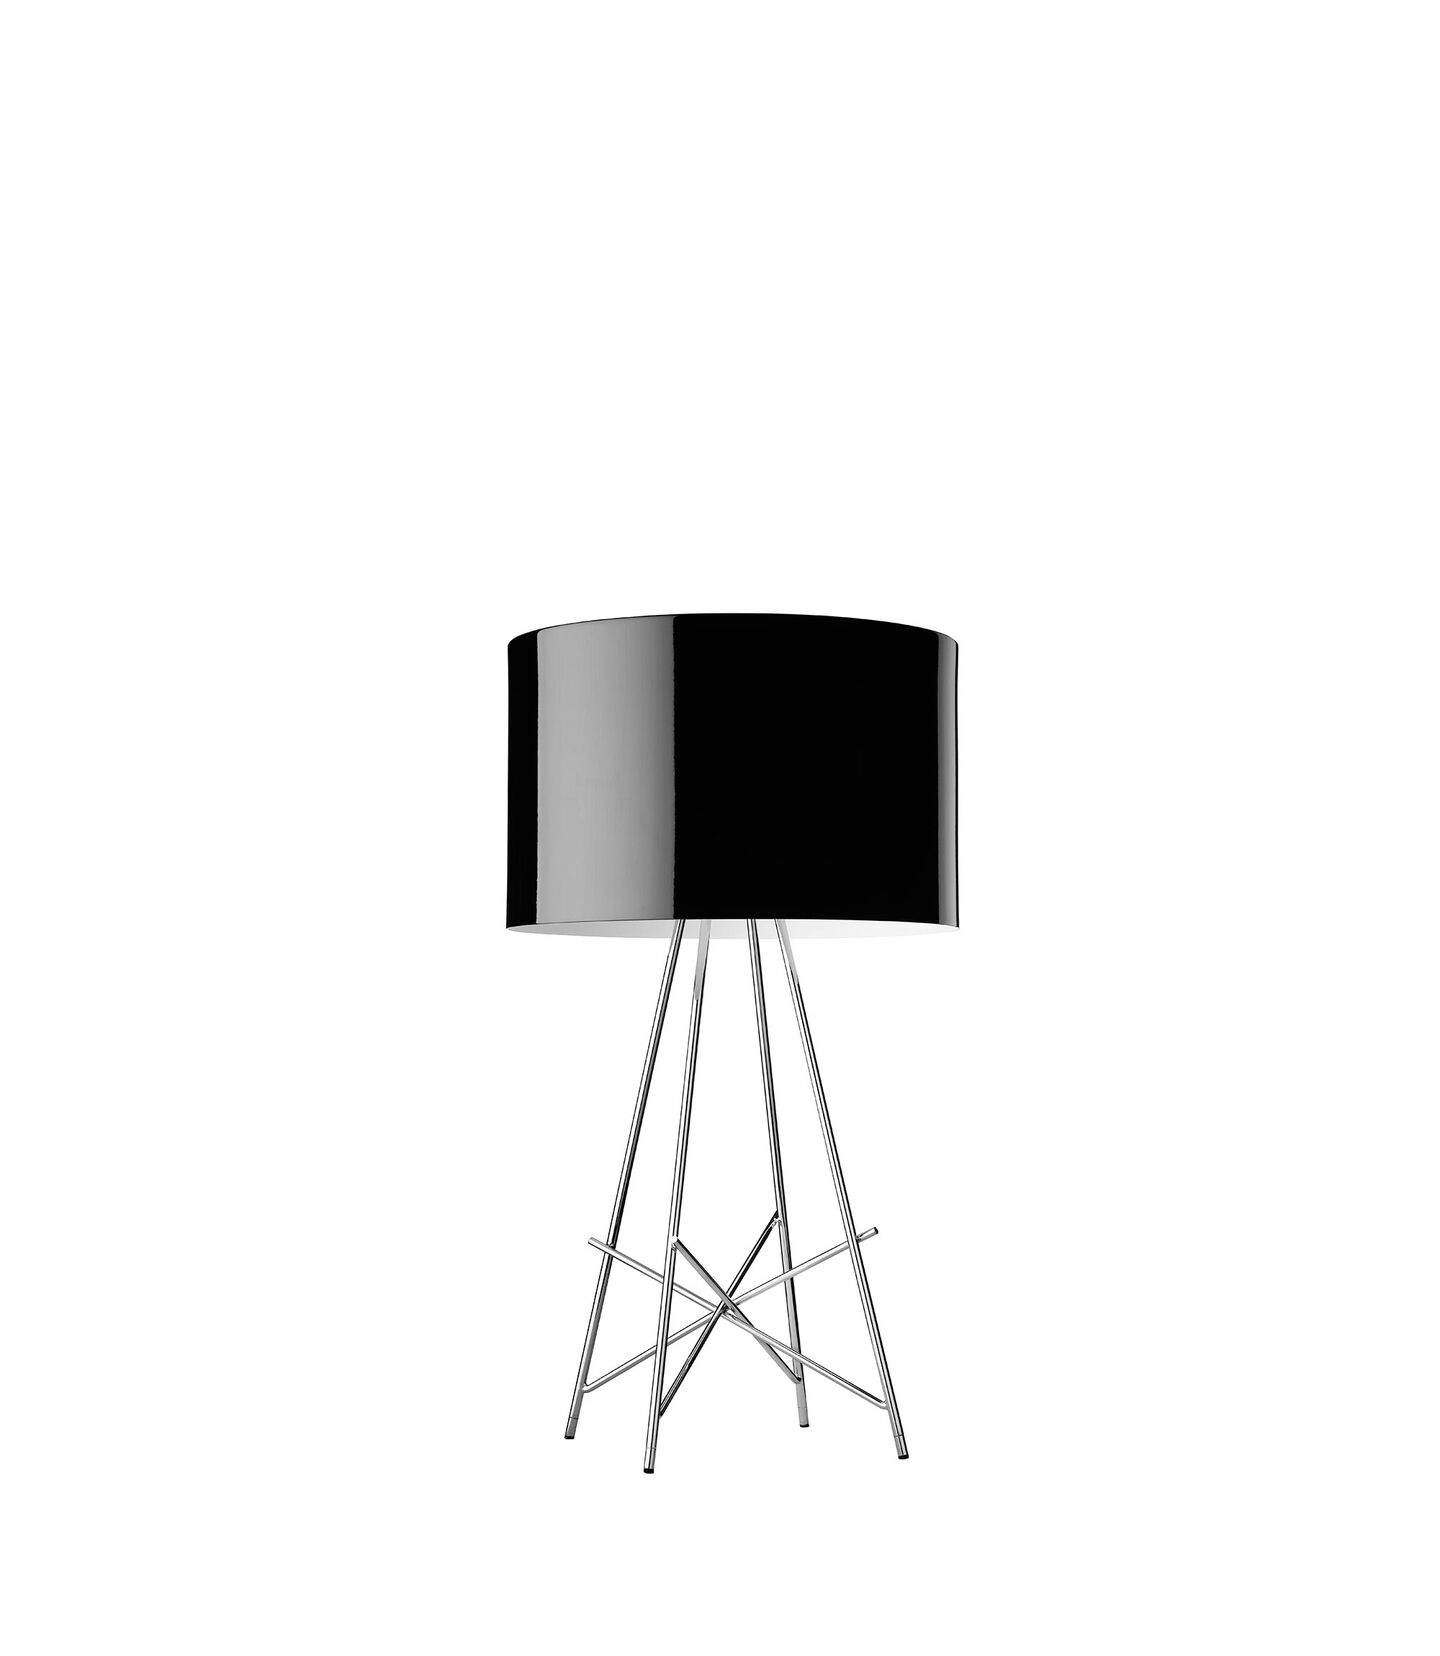 ray-table-dordoni-flos-F5911030-product-still-life-big-2